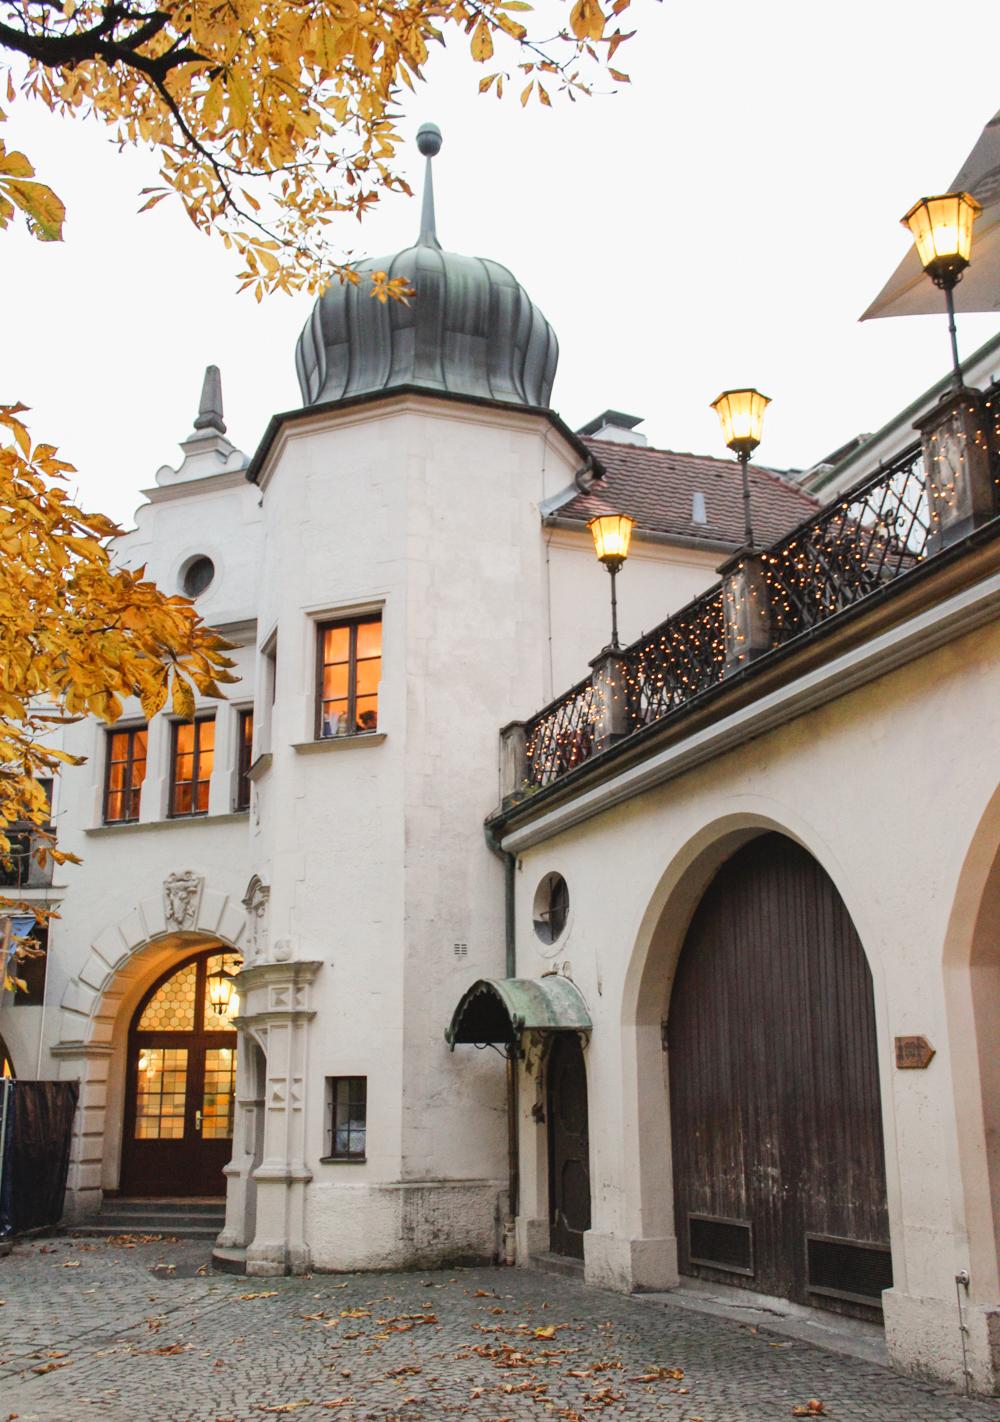 Munich Beer Garden, Germany